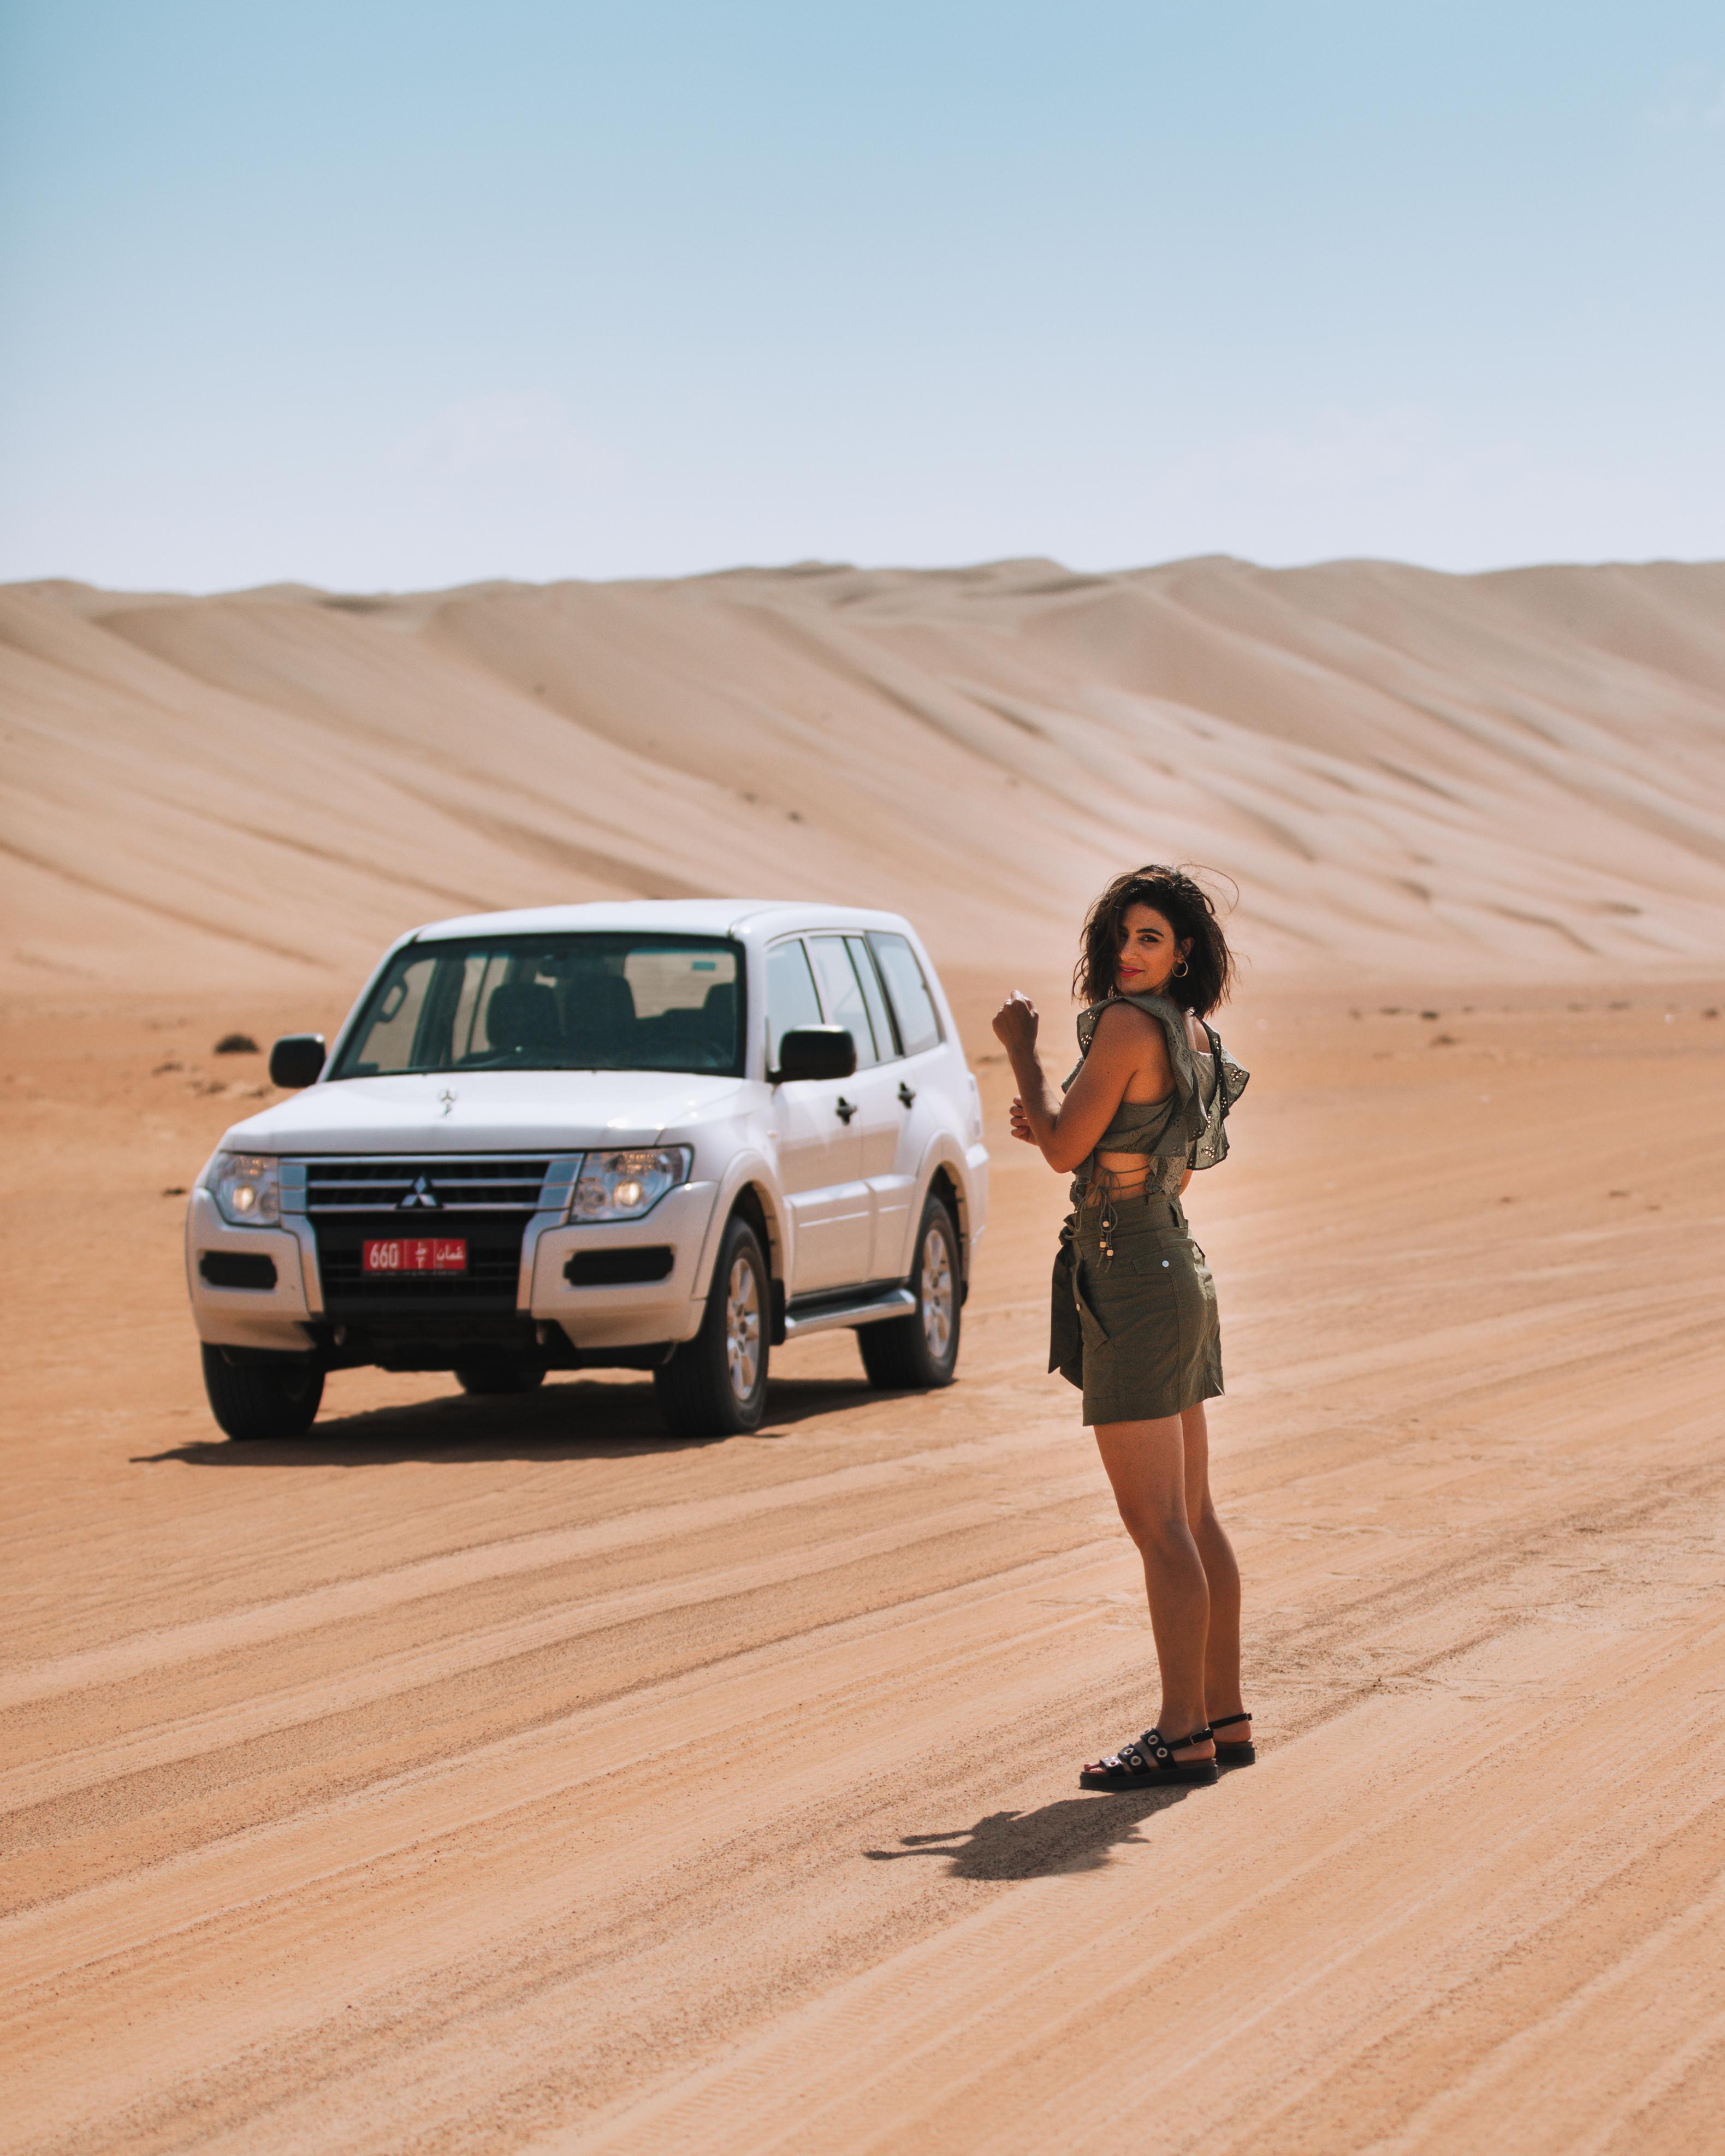 Oman desert road trip